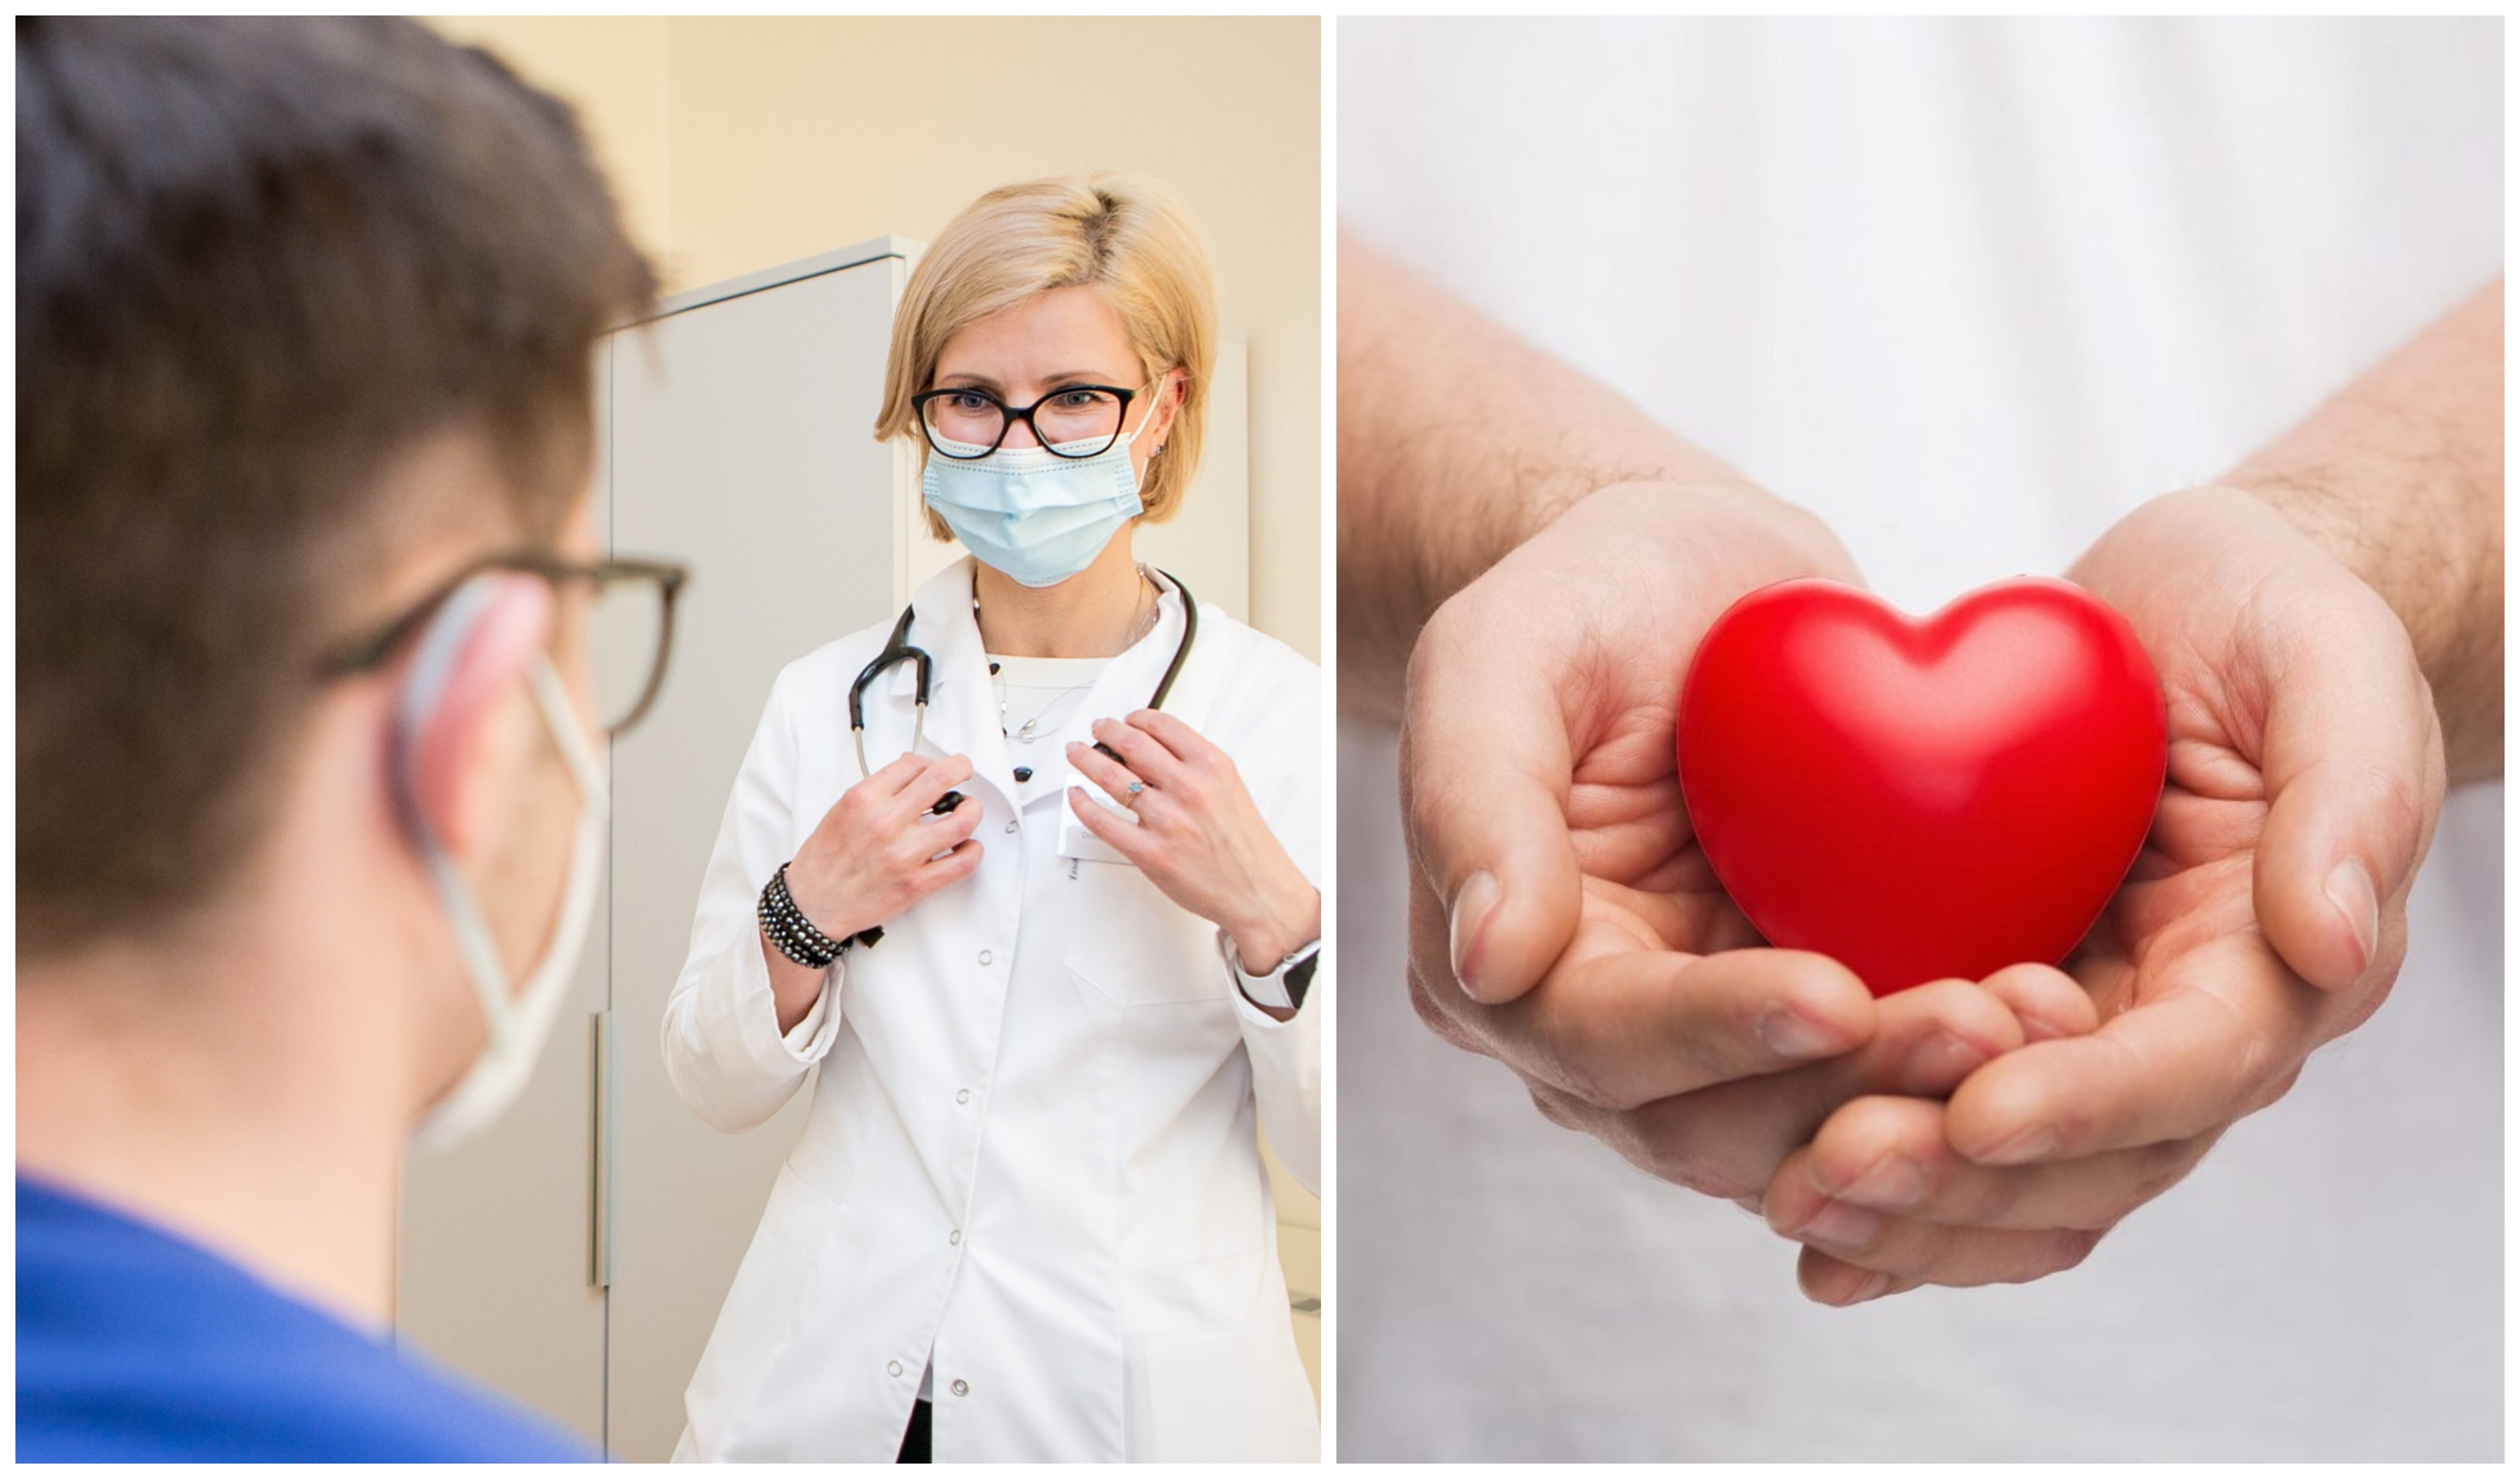 kaip gydyti širdį sergant hipertenzija)